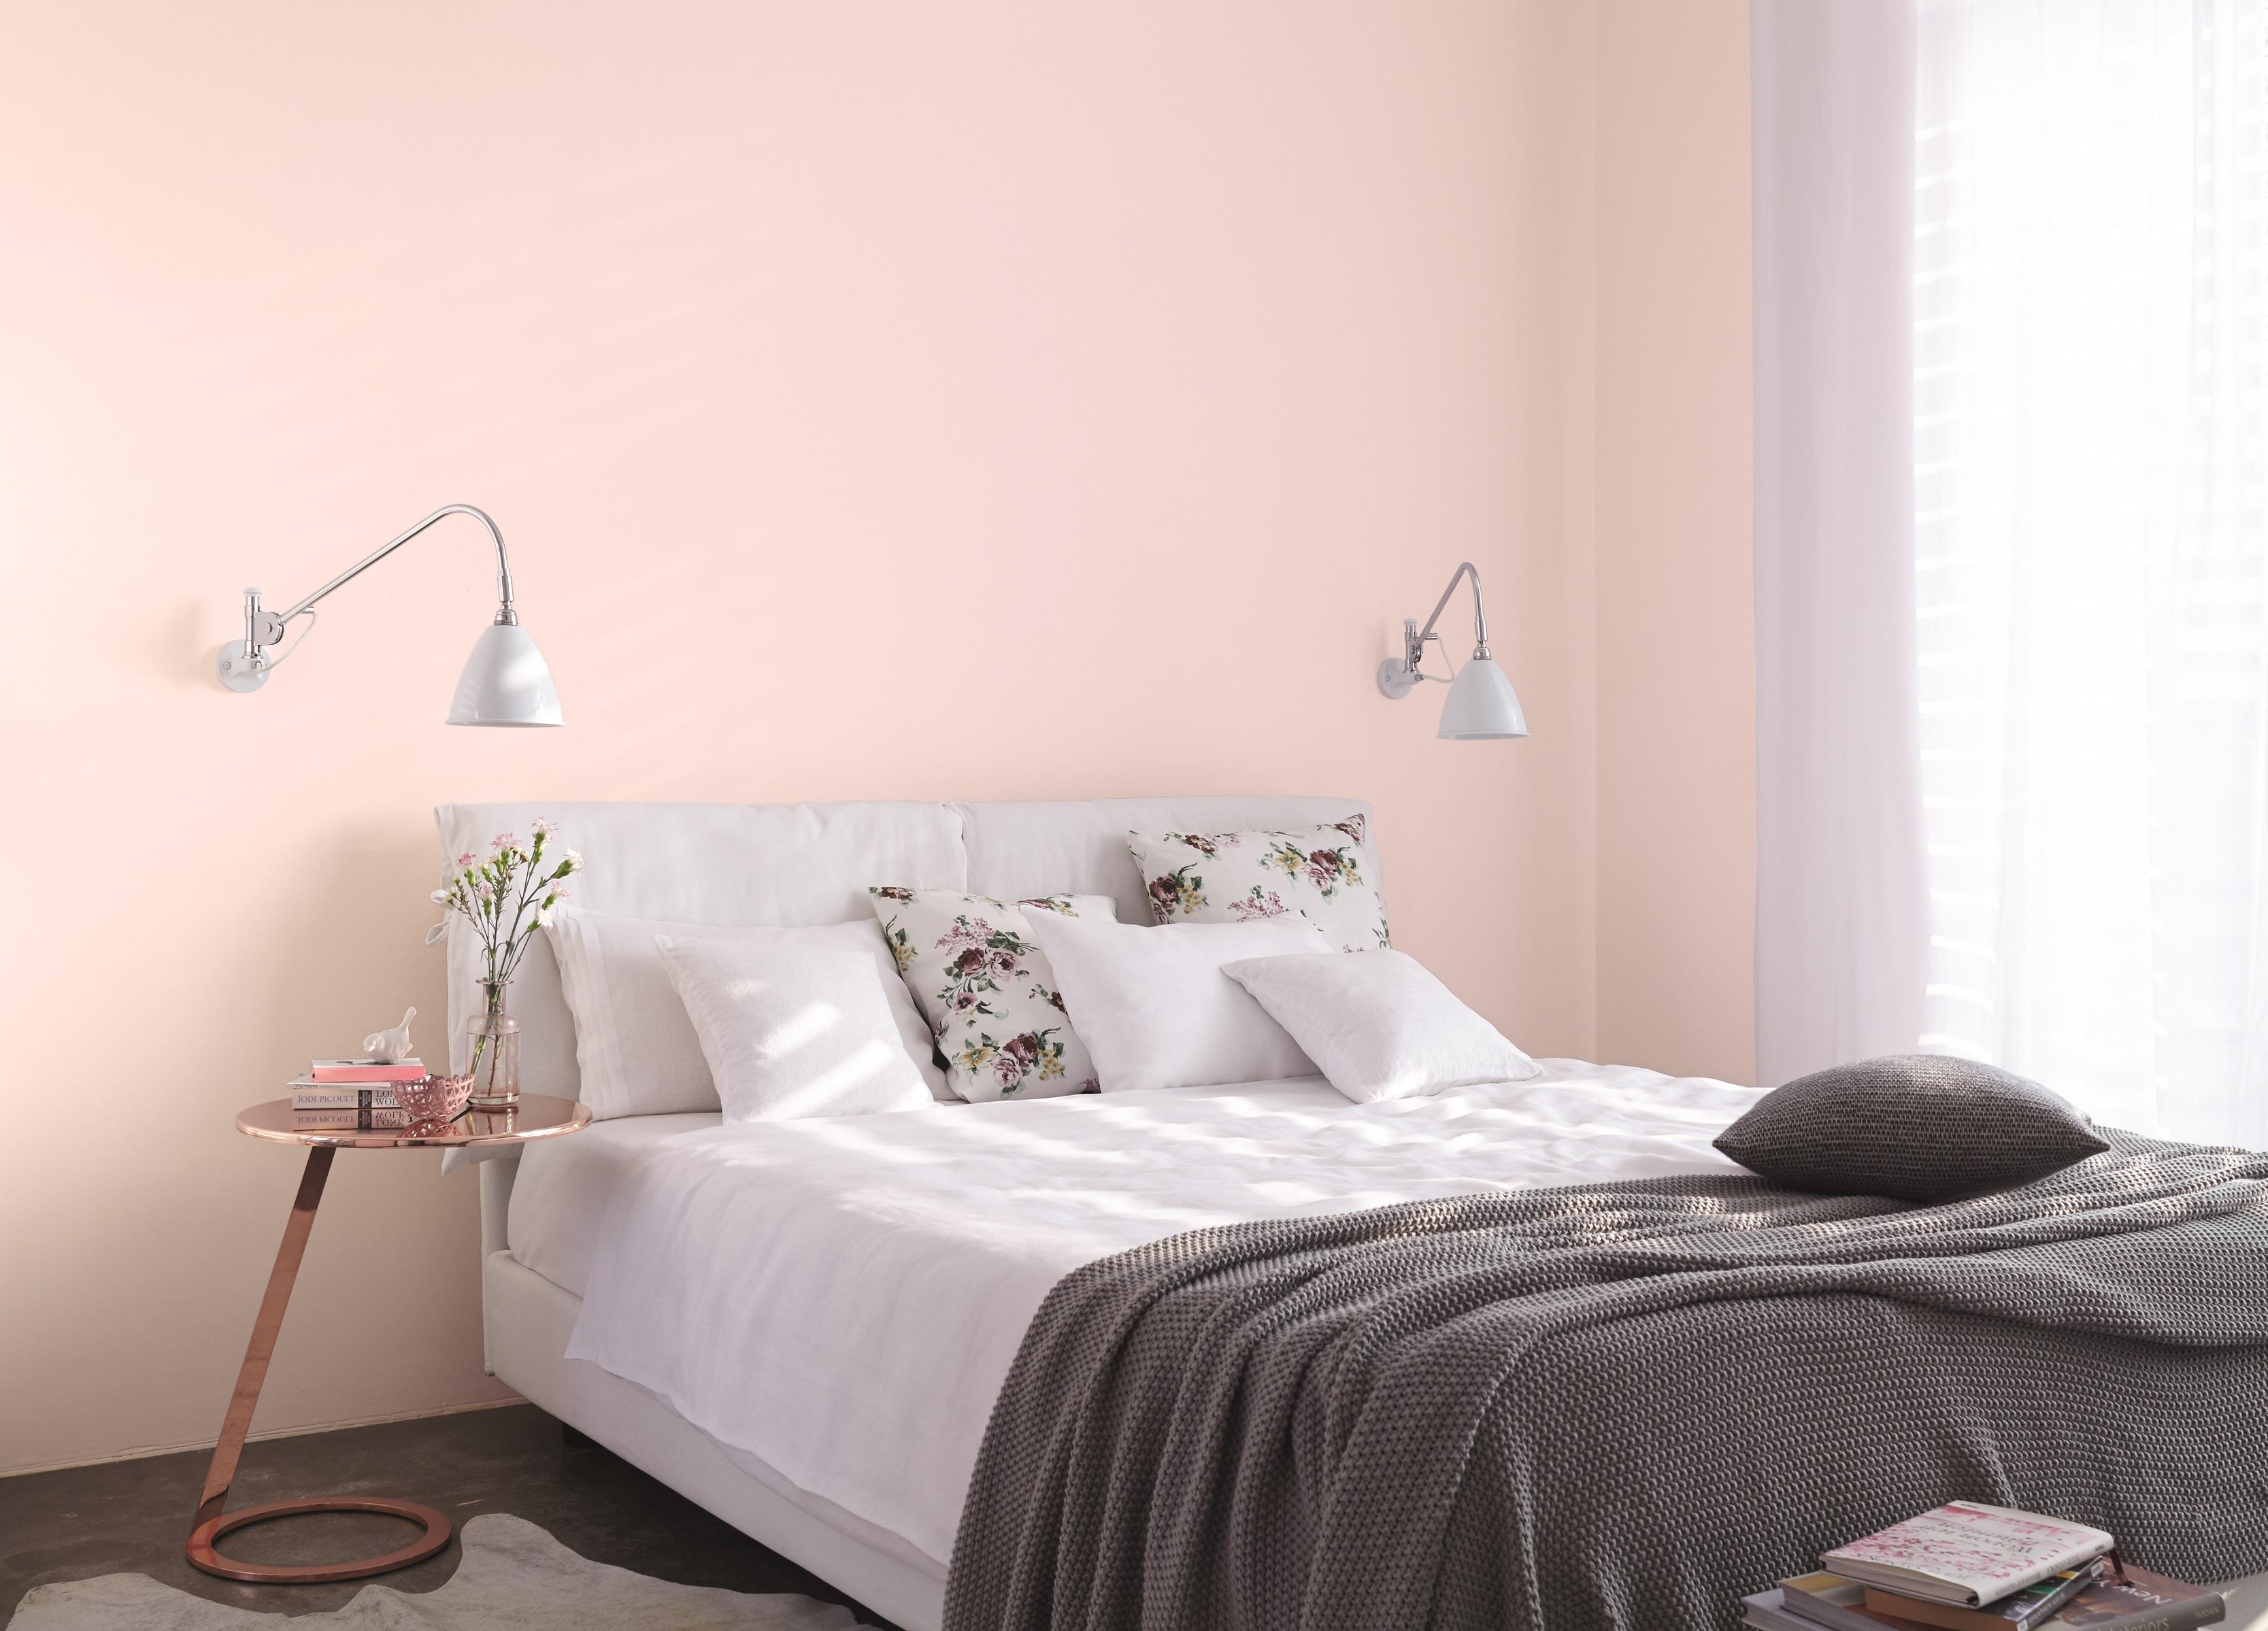 ideen f r die gestaltung vom schlafzimmer alpina farbe einrichten. Black Bedroom Furniture Sets. Home Design Ideas